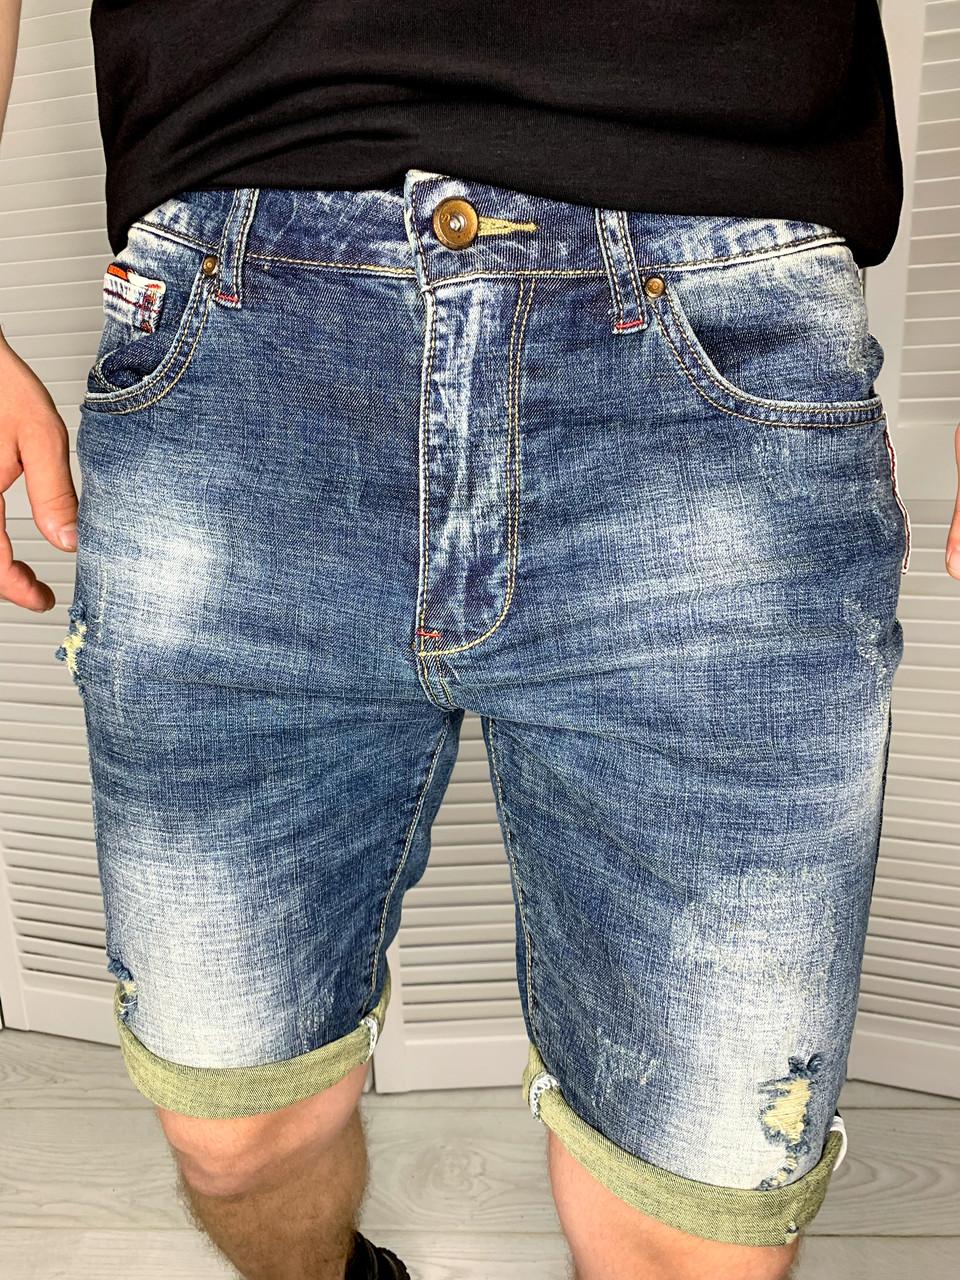 Шорти чоловічі джинсові Today світло-сині, стильні Чоловічі джинсові шорти на підкатах